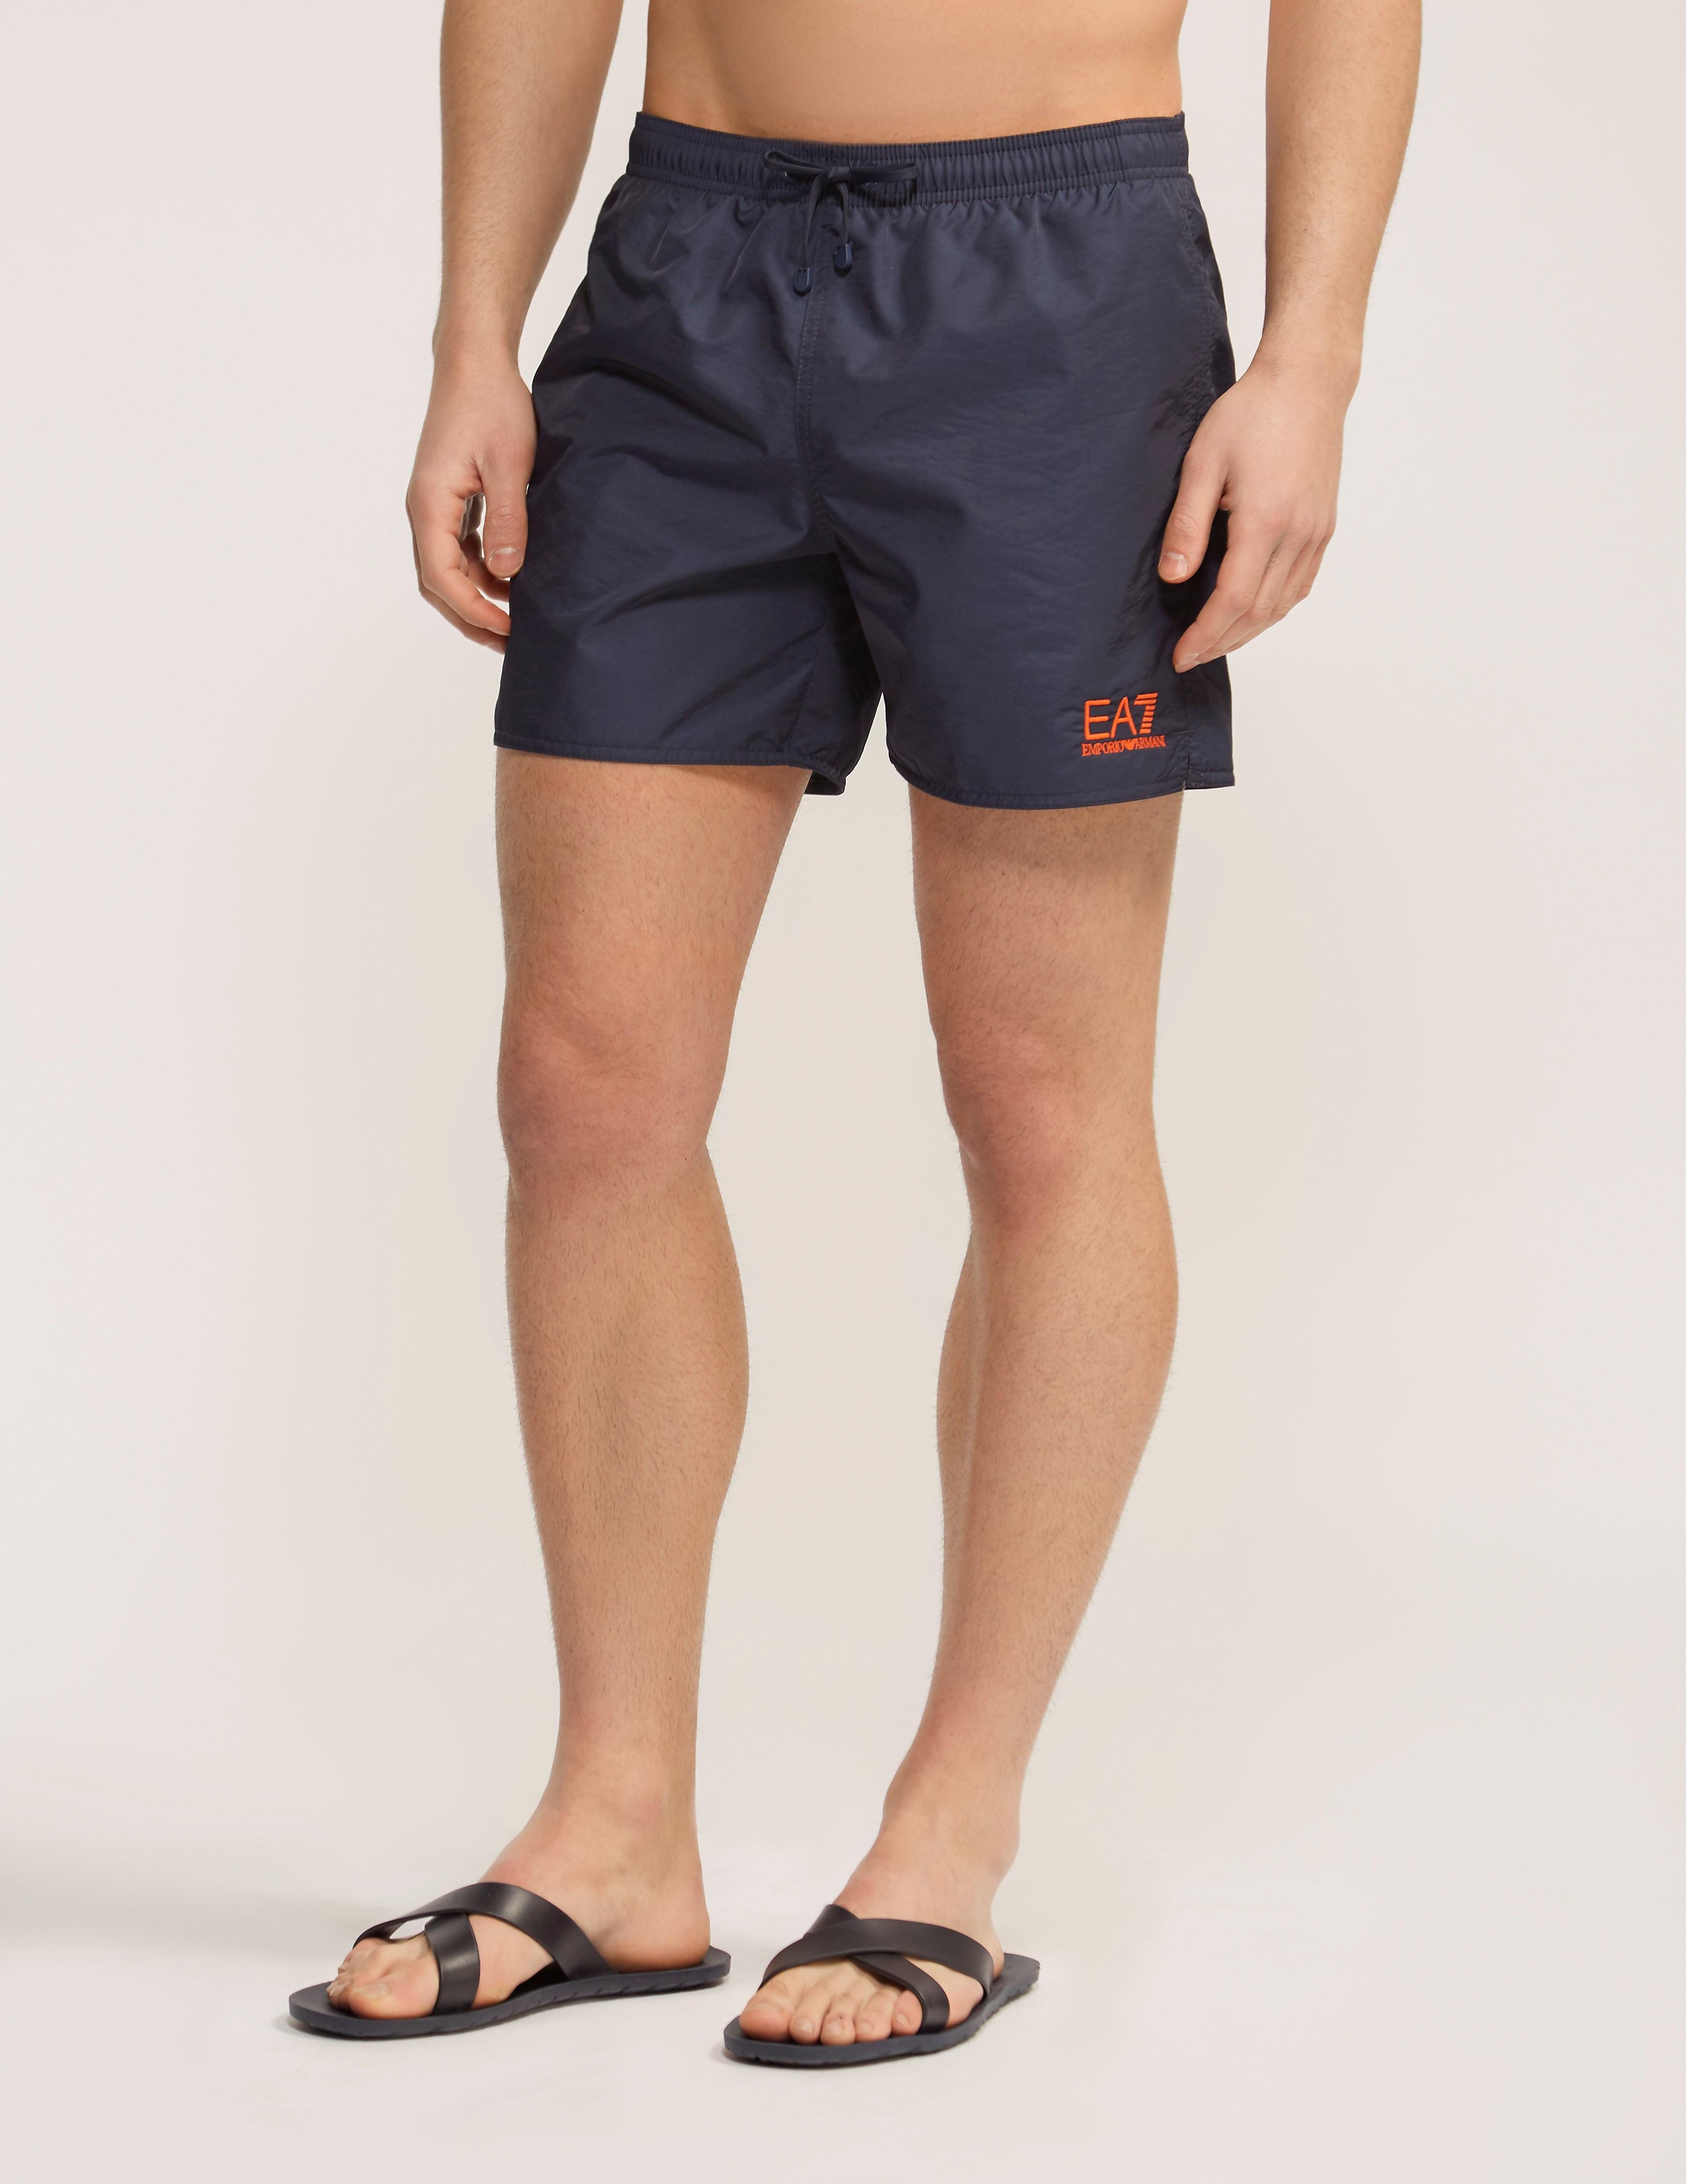 Emporio Armani EA7 Core Swim Short